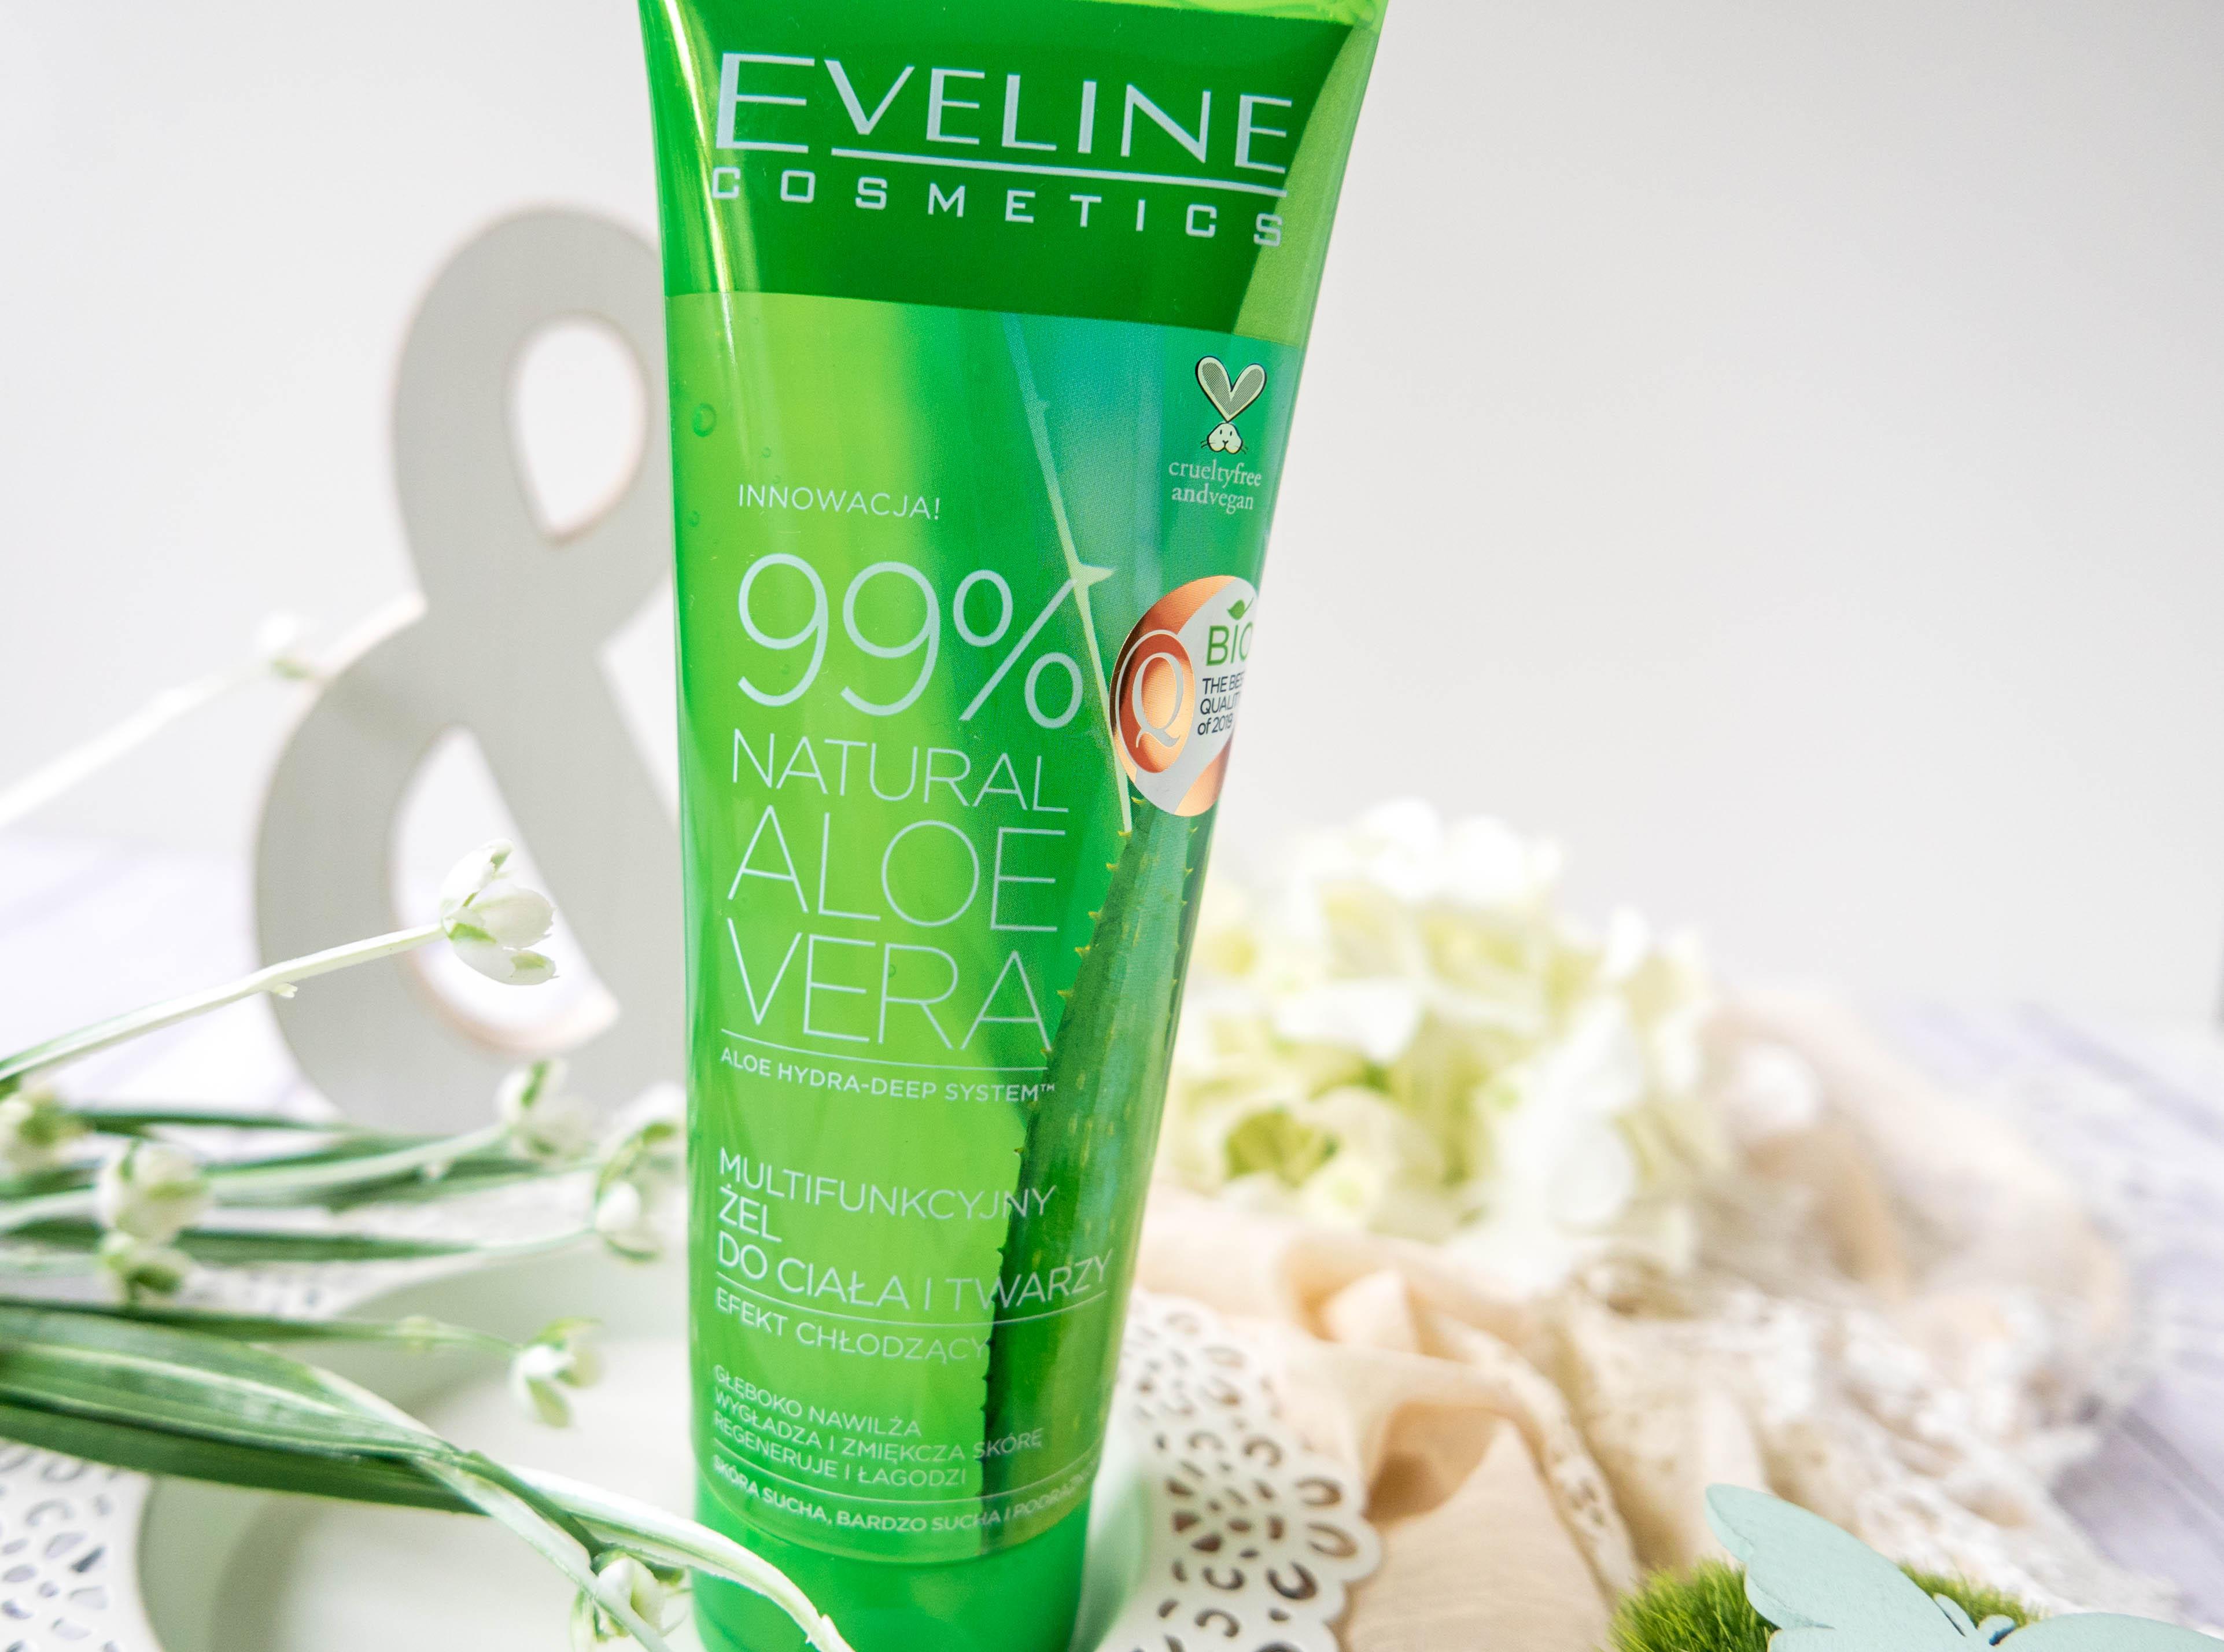 uniwersalny kosmetyk do ciała, twarzy i włosów